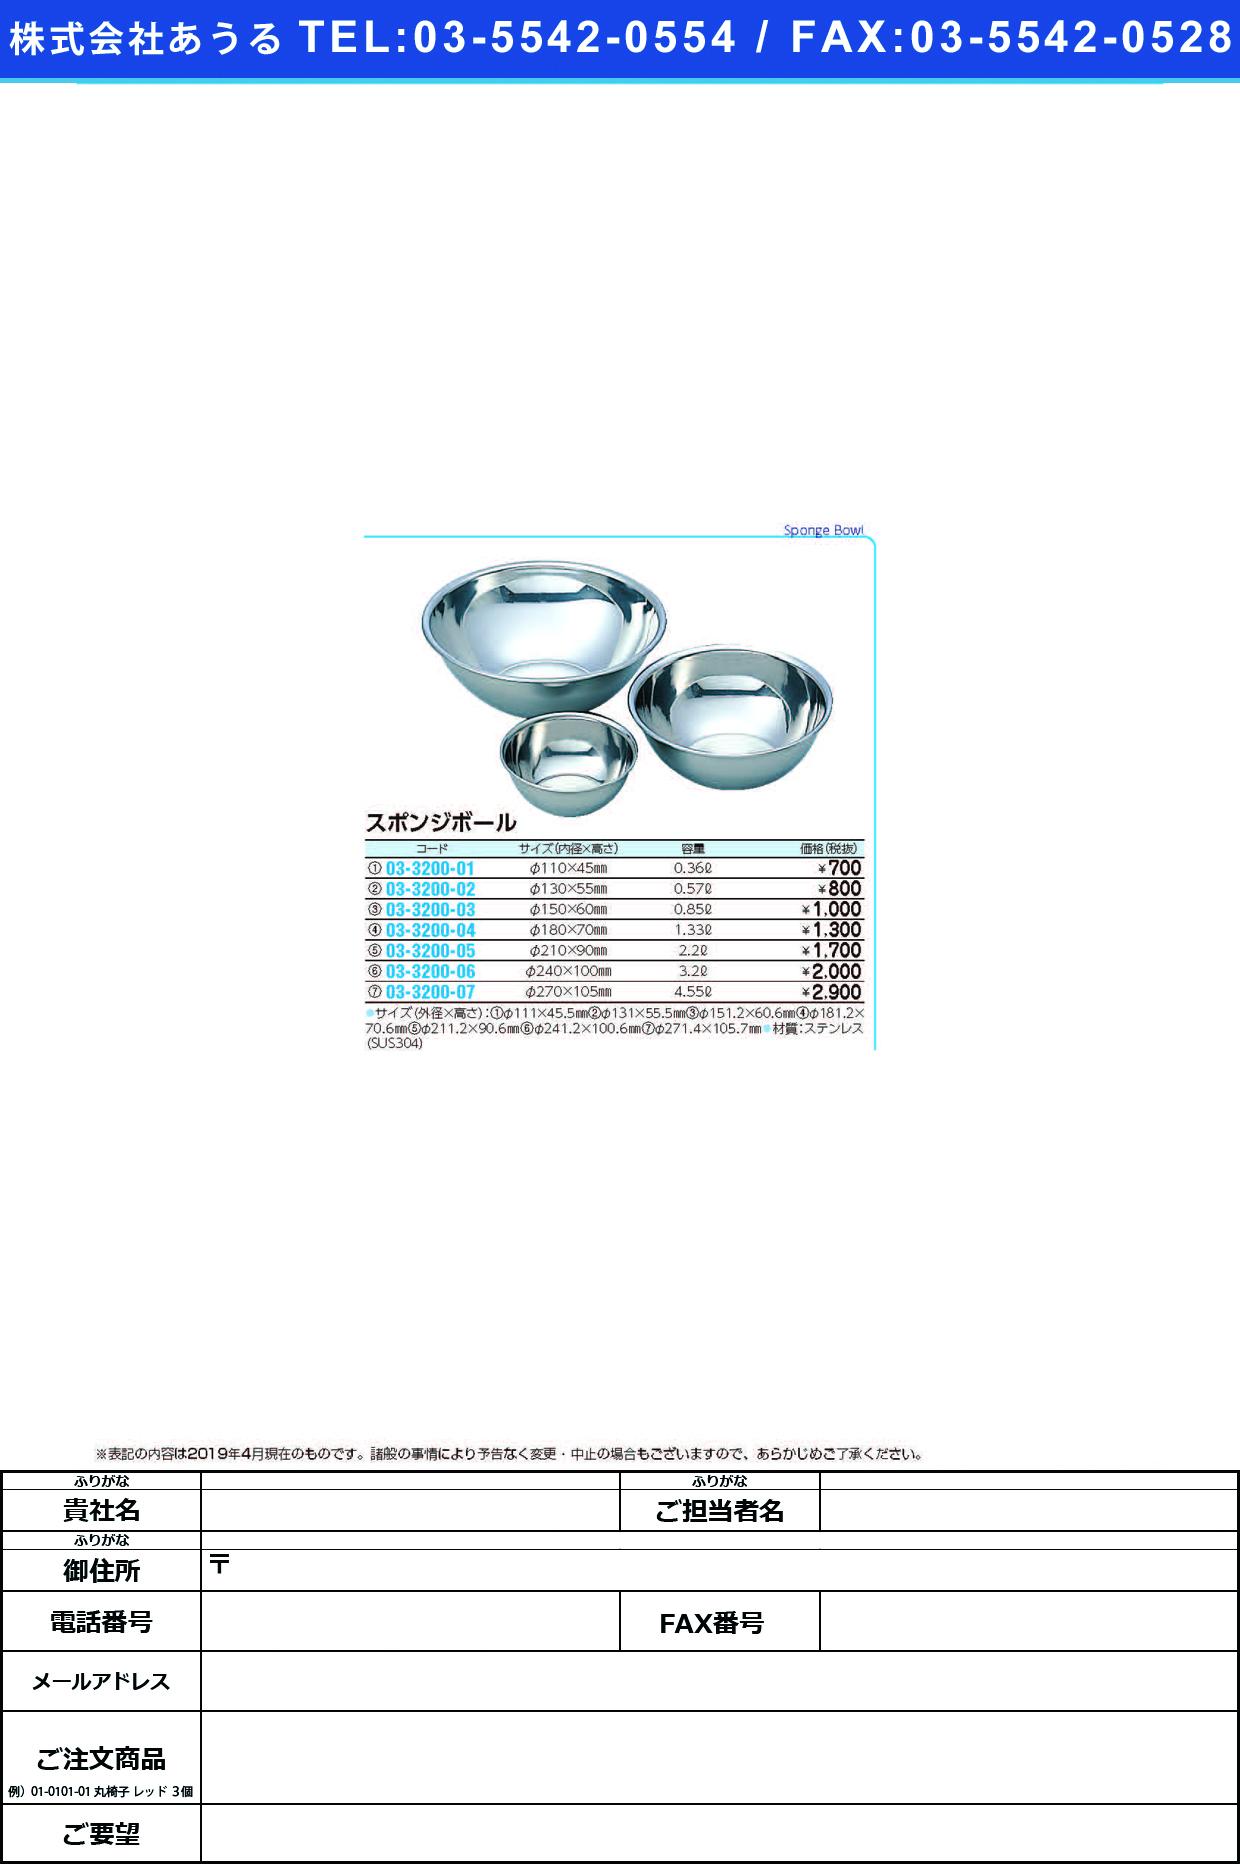 (03-3200-02)スポンジボール13cm ケイ130X55MM スポンジボール13CM【1個単位】【2019年カタログ商品】